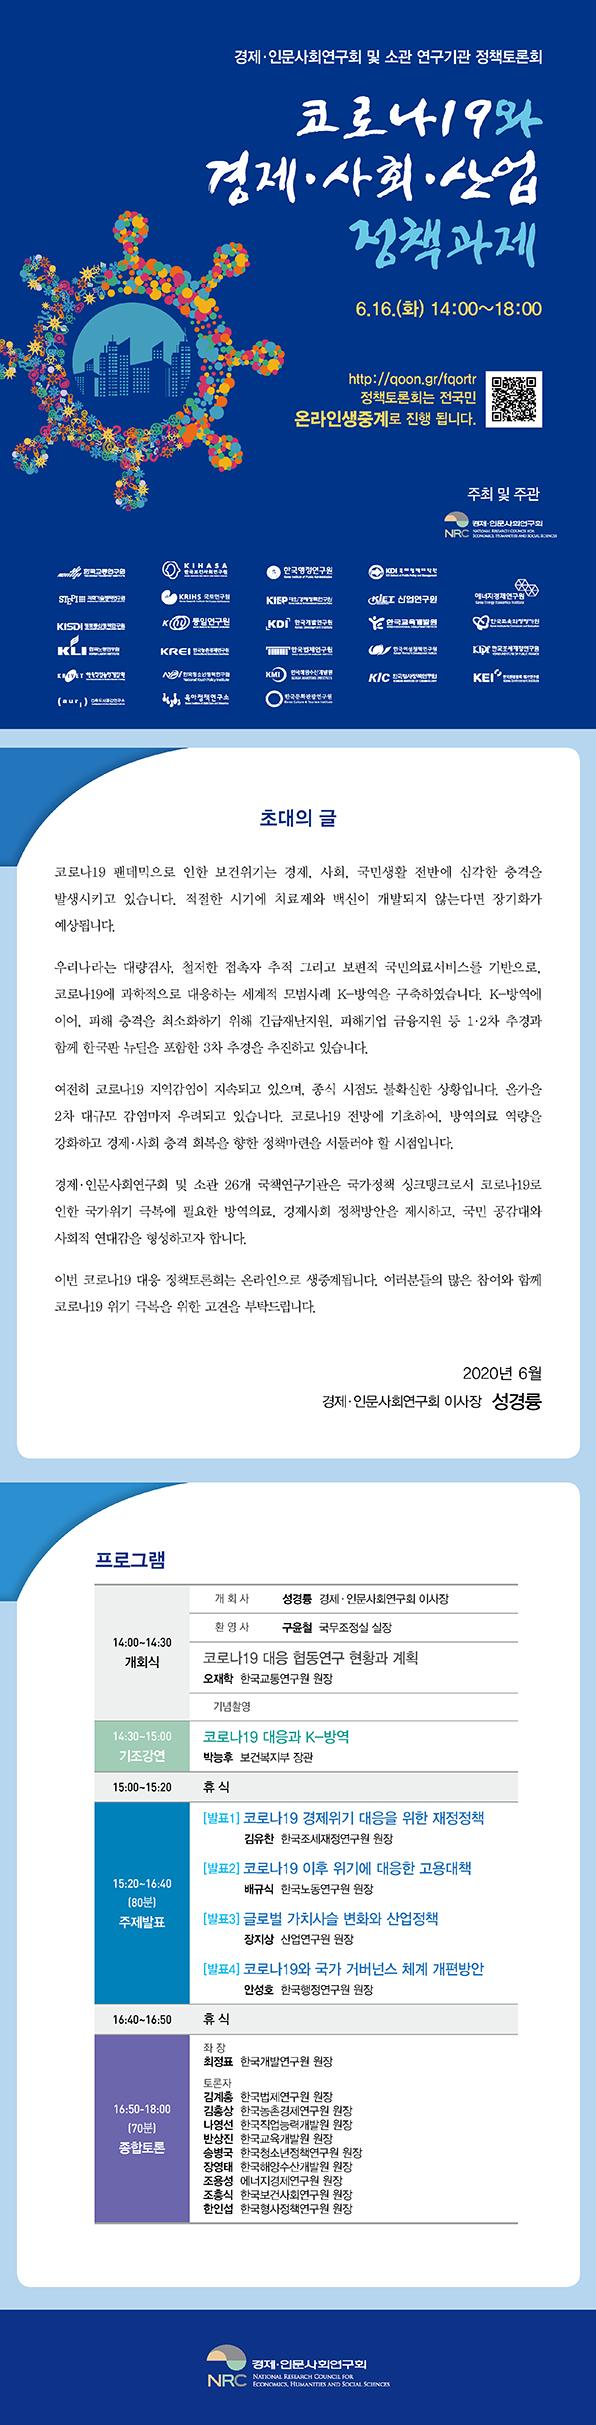 '코로나19와 경제·사회·산업 정책과제' 정책 토론회 개최 안내